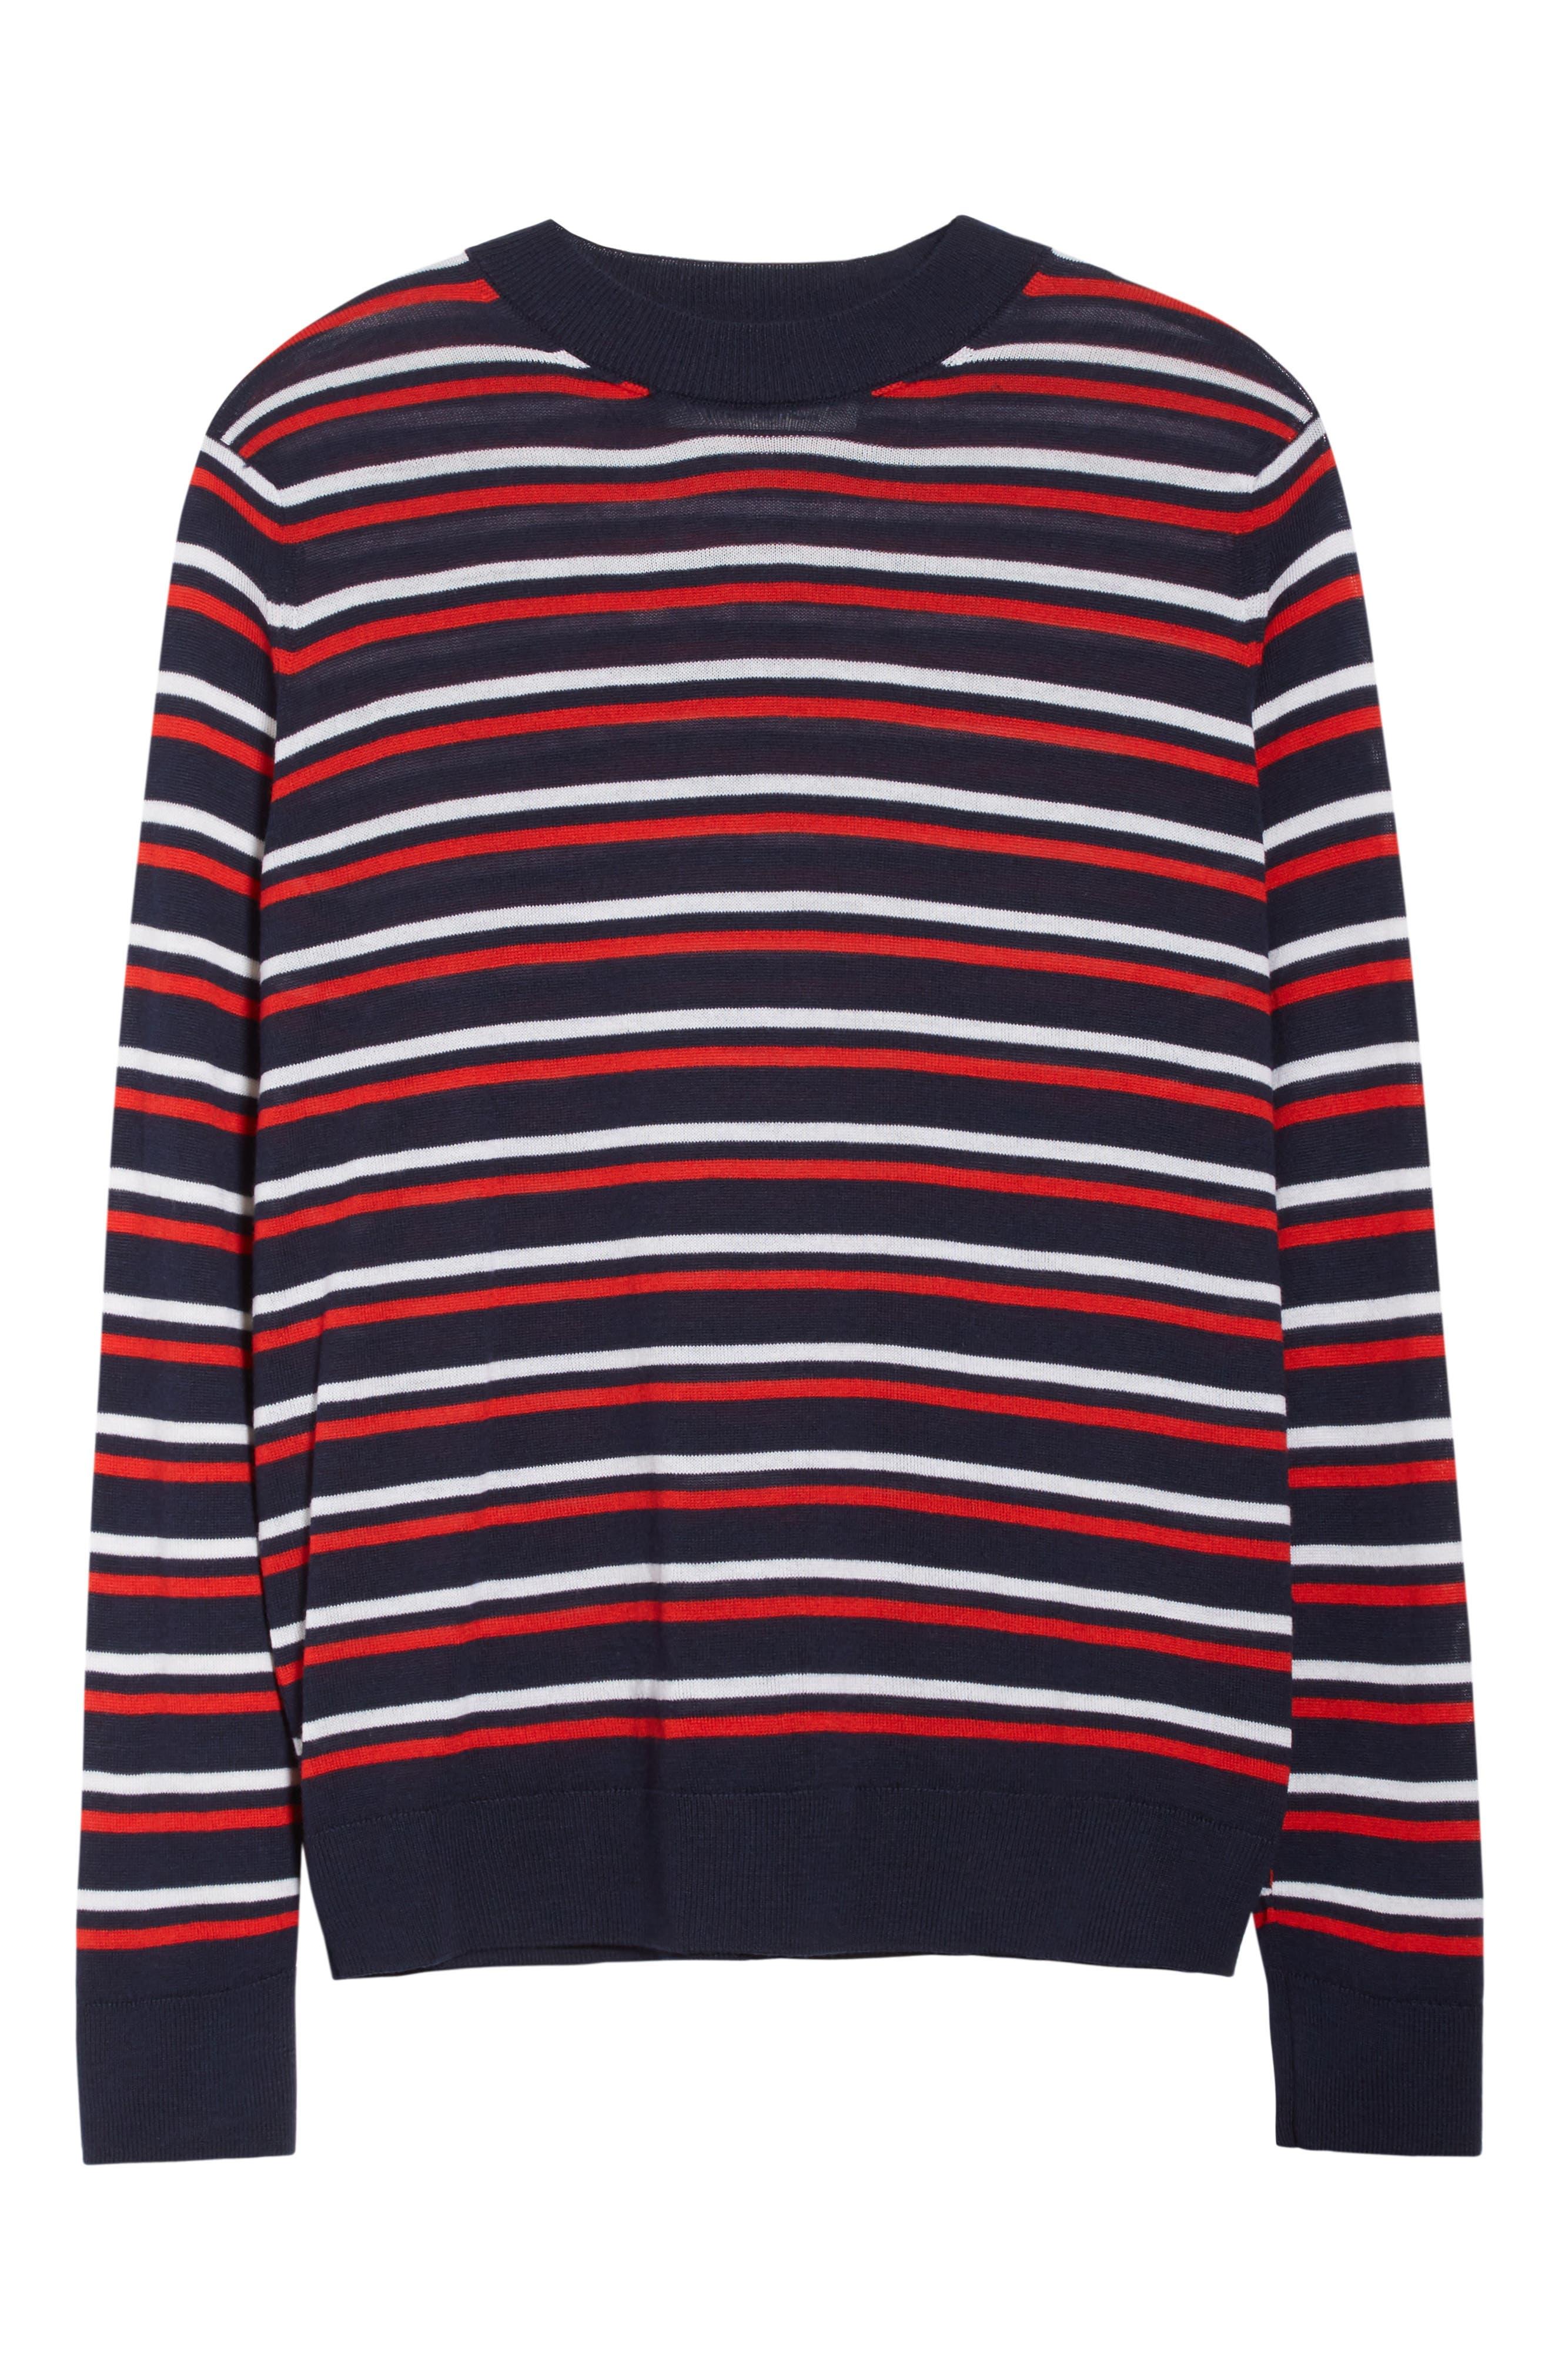 être cécile Stripe Knit Boyfriend Sweater,                             Alternate thumbnail 6, color,                             401